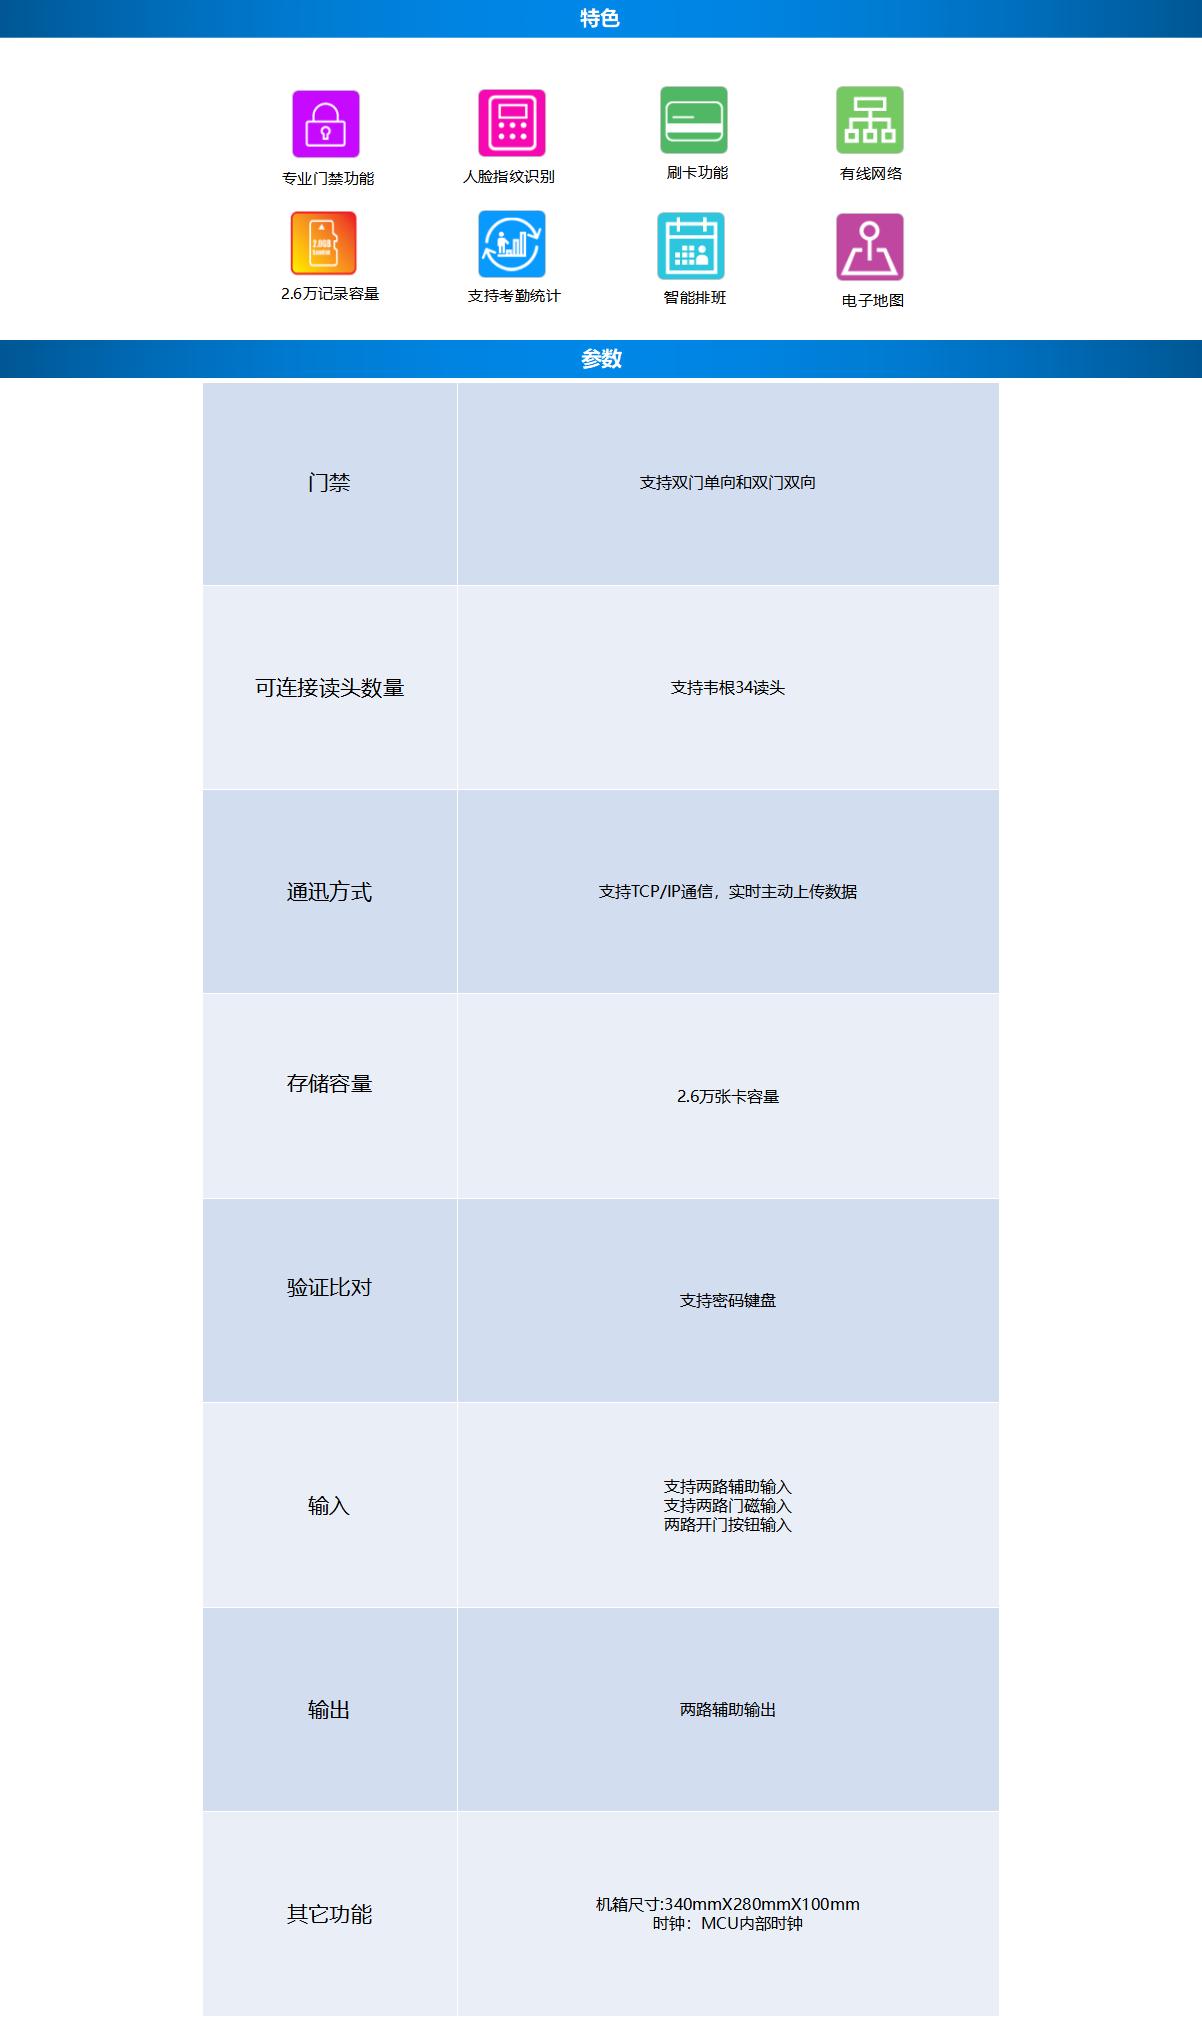 mk02官网产品介绍-模板1202-普通品质输出_01.png